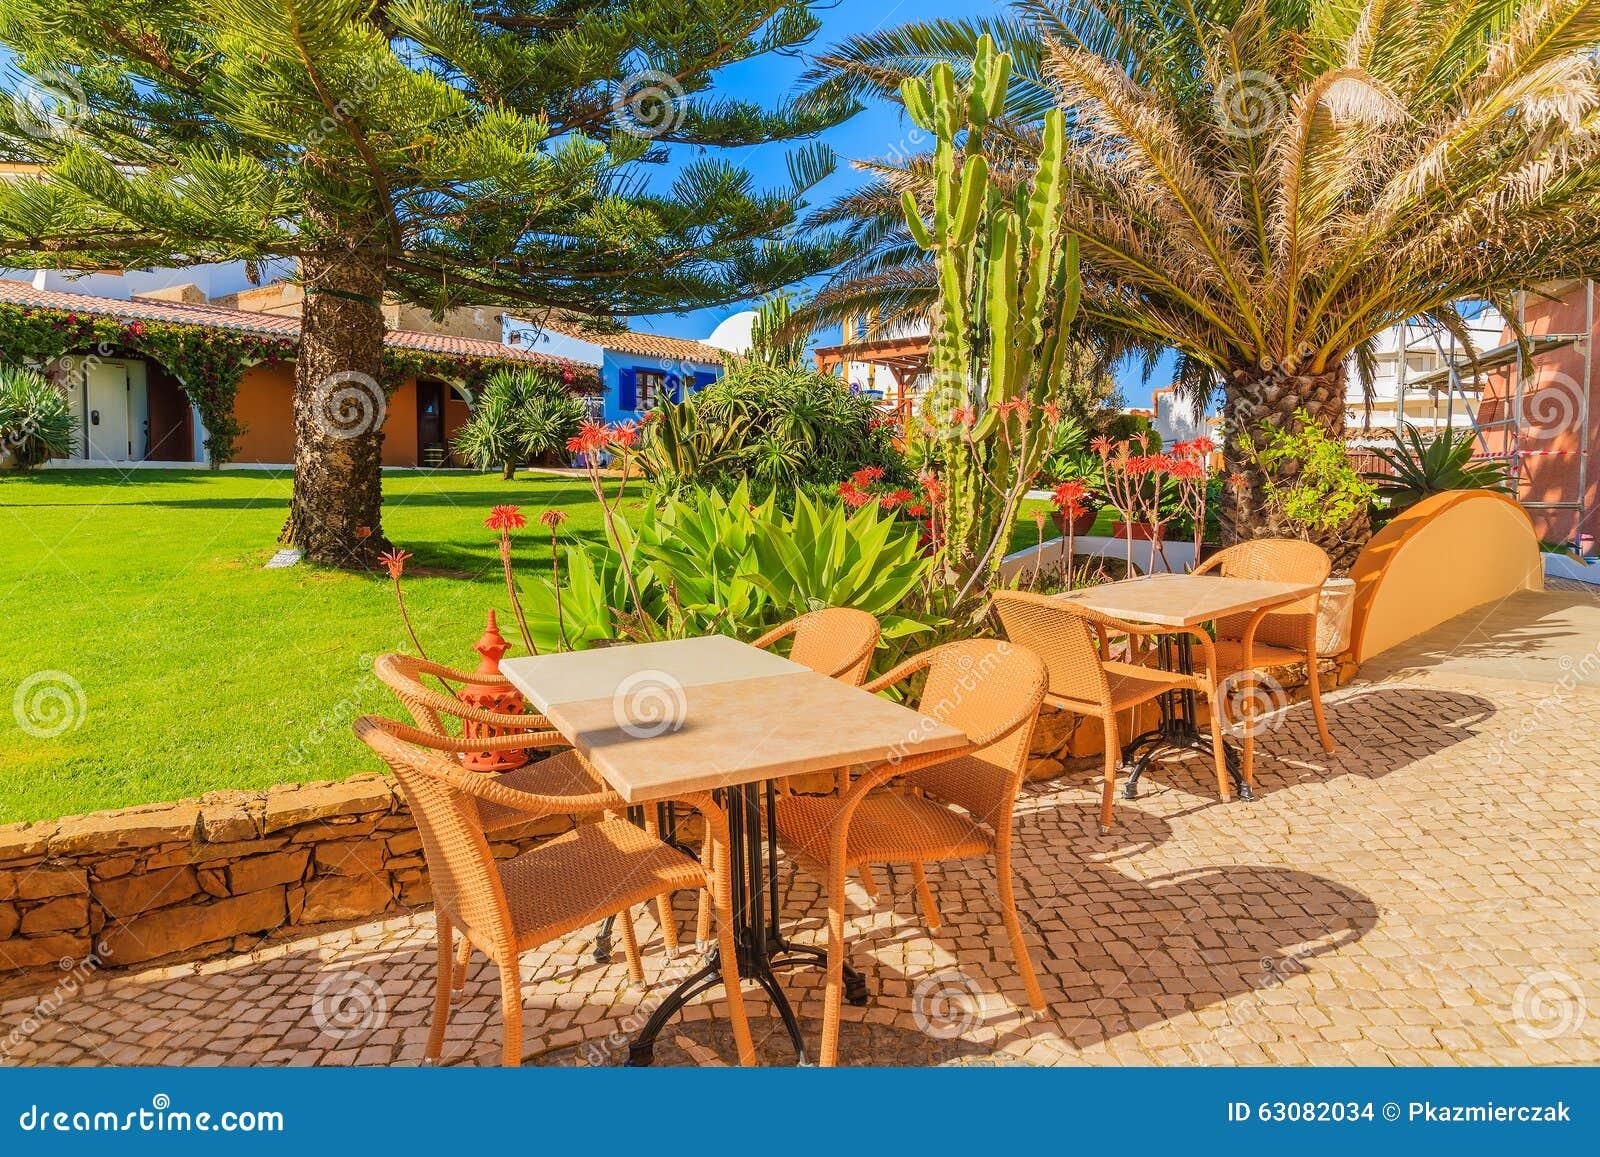 Download Tableaux Avec Des Chaises En Parc Vert Photo stock - Image du stationnement, coloré: 63082034